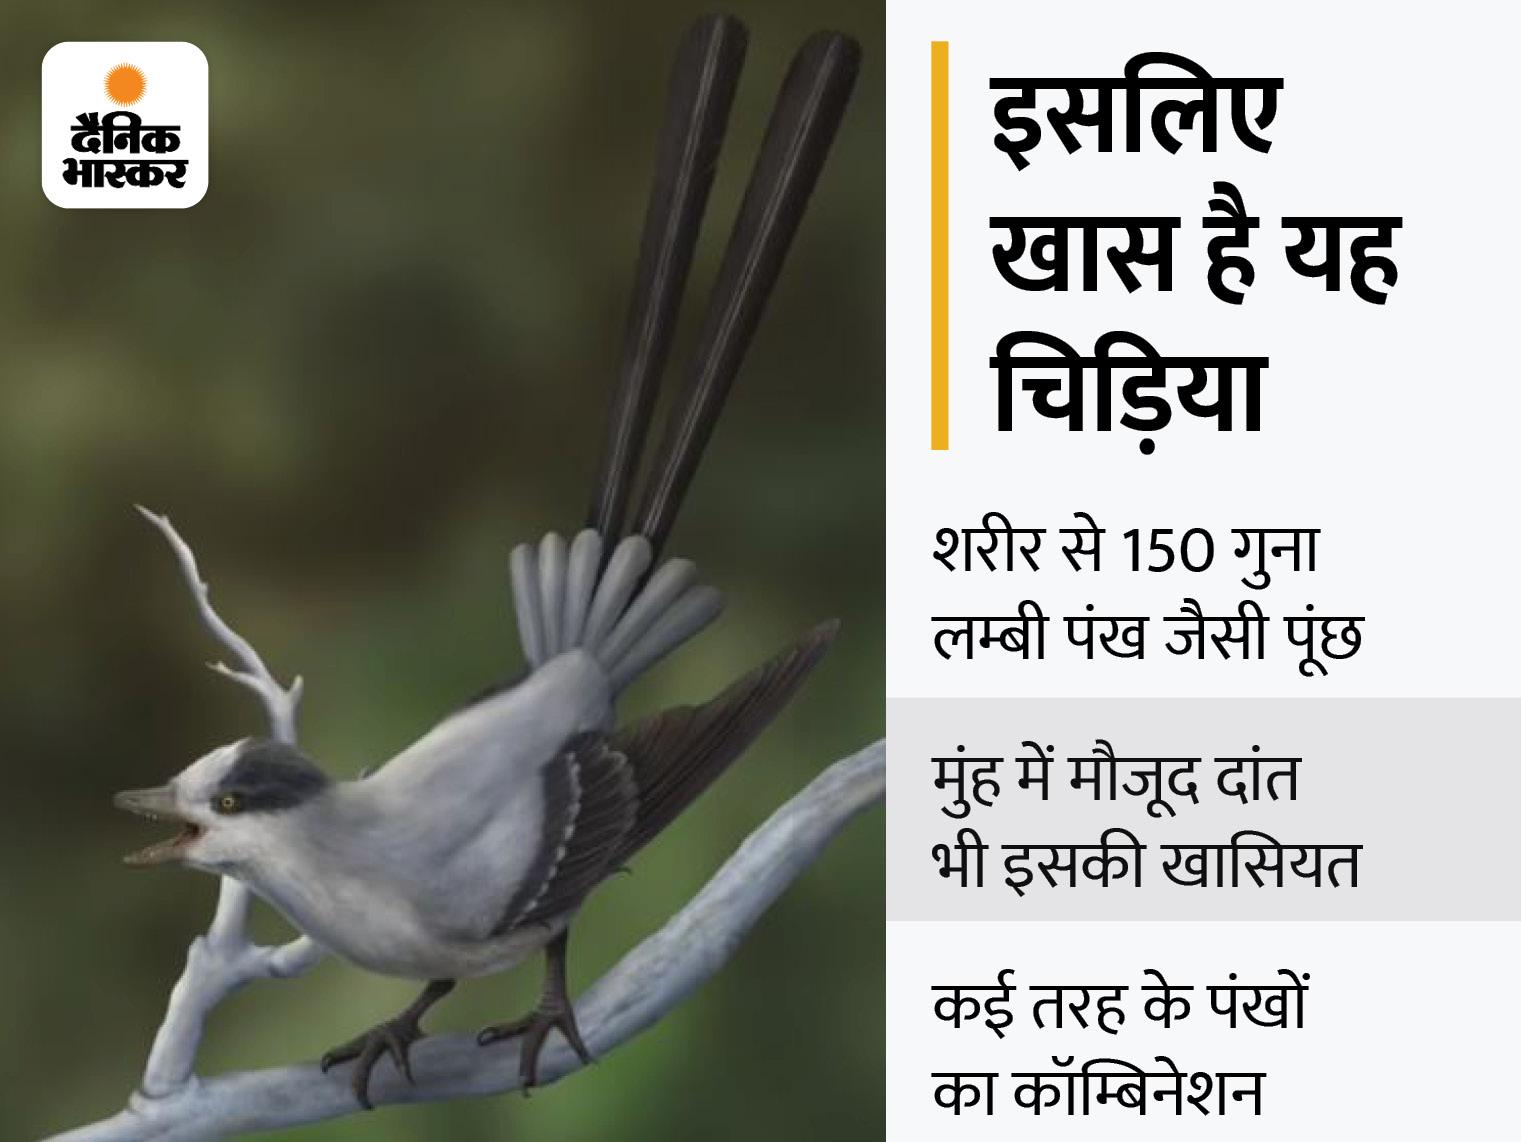 12 करोड़ साल पहले मोर की तरह दिखने वाली चिड़िया अब खोजी गई, यह शरीर से 150 गुना लम्बी पूंछ से नर चिड़िया को रिझाती थी|लाइफ & साइंस,Happy Life - Dainik Bhaskar